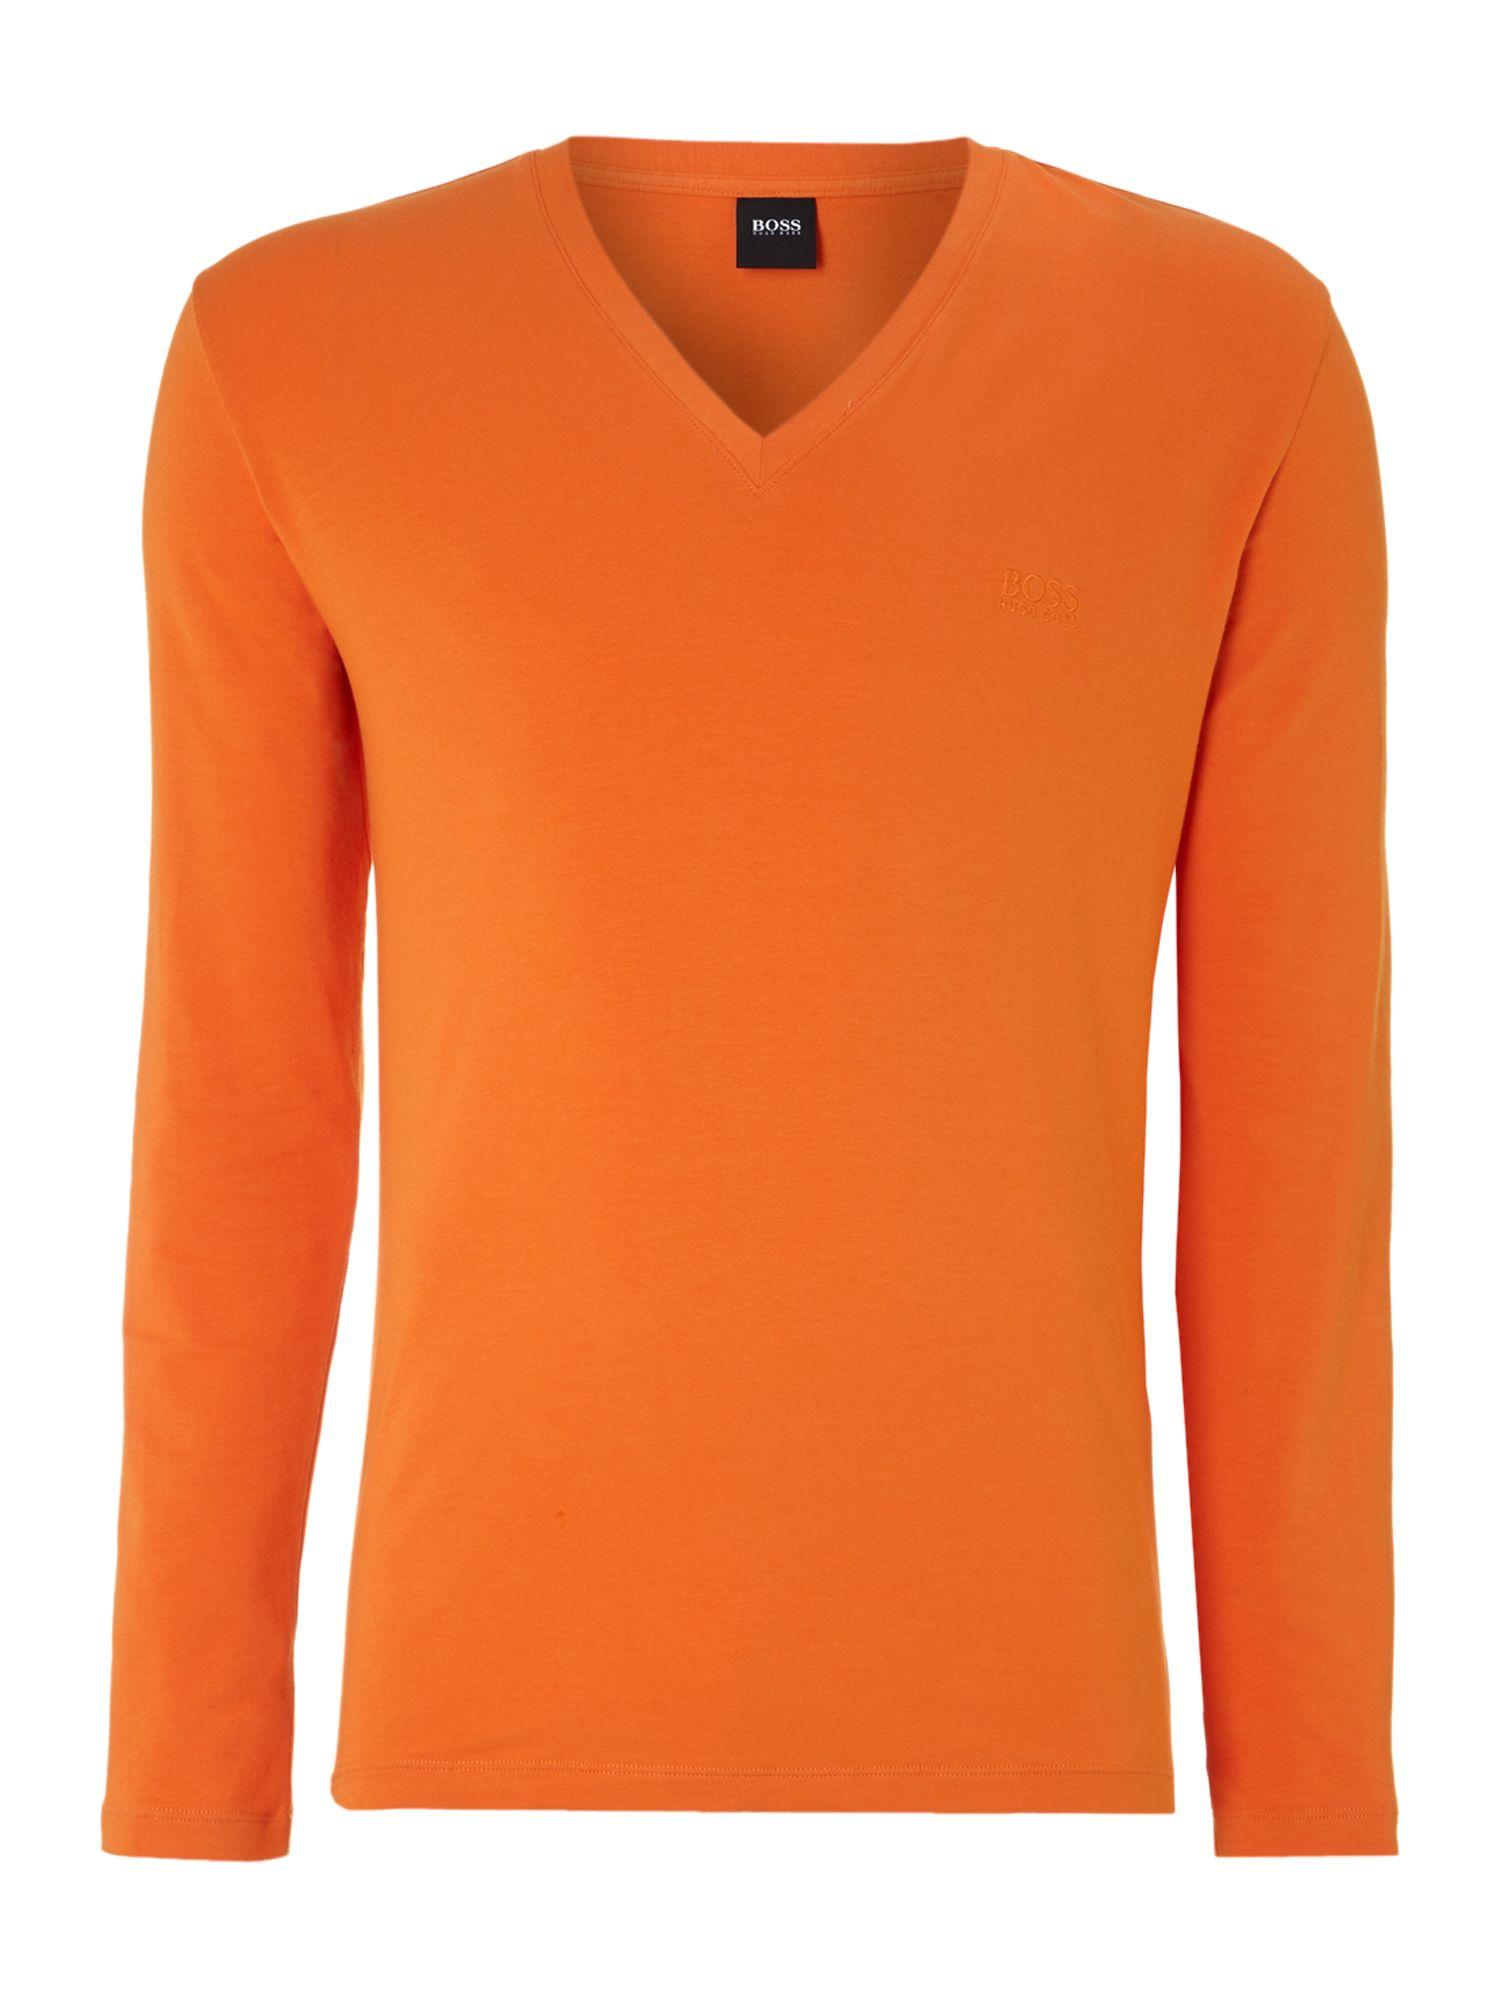 Hugo Boss Long Sleeved V Neck Tshirt In Orange For Men Lyst